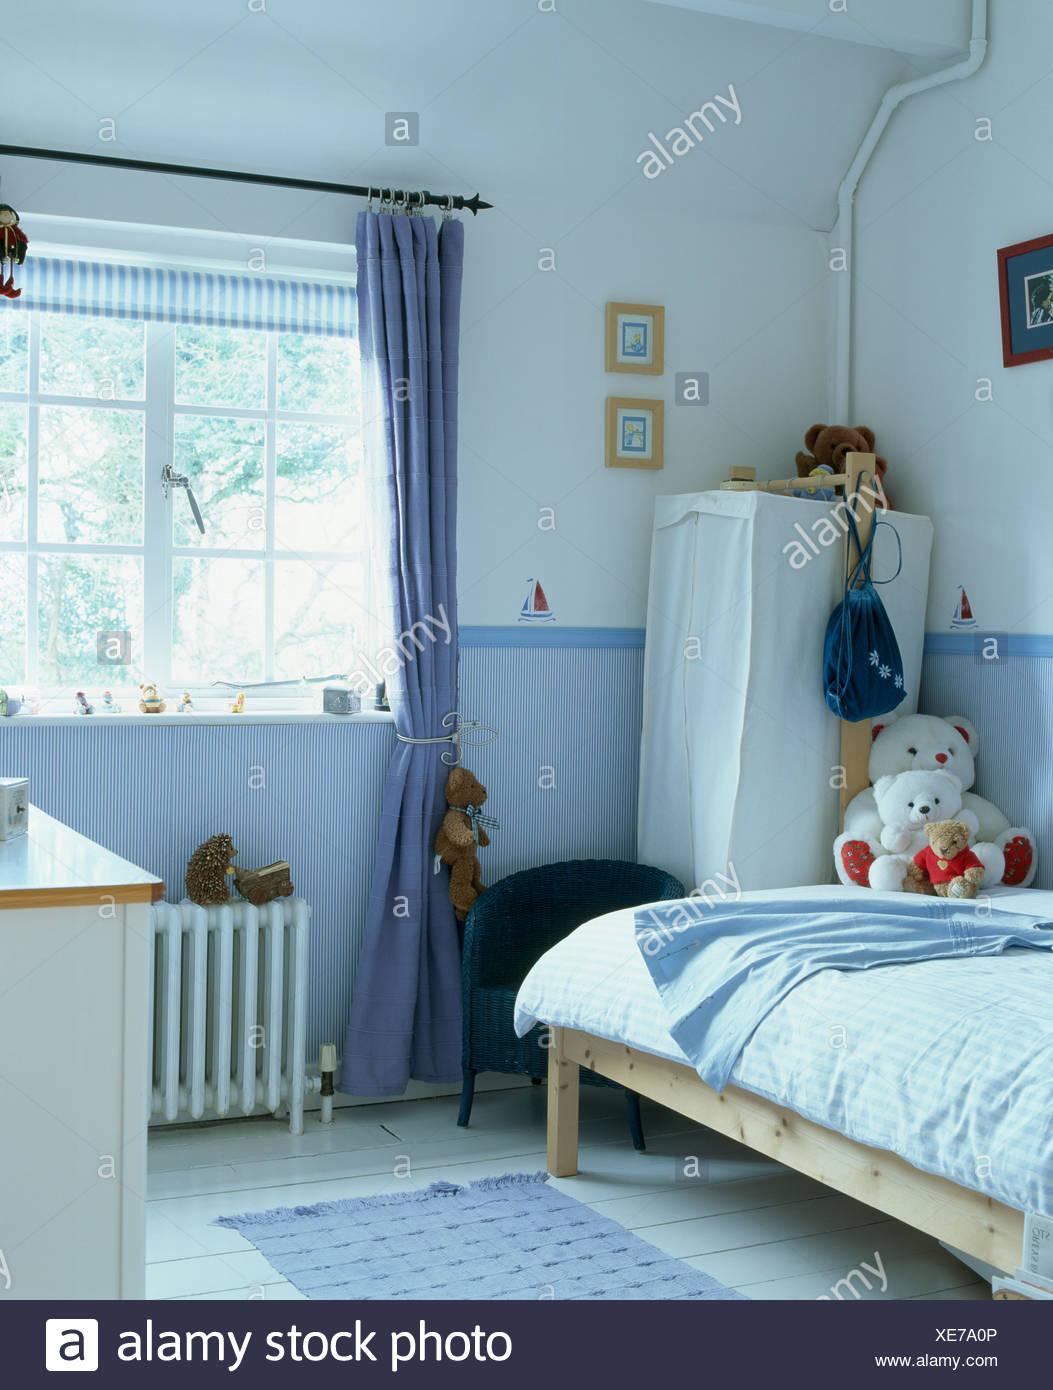 Full Size of Kinderzimmer Vorhänge Blauen Vorhang Am Fenster Im Mit Tapeten Dado Schlafzimmer Sofa Regal Weiß Wohnzimmer Küche Regale Kinderzimmer Kinderzimmer Vorhänge